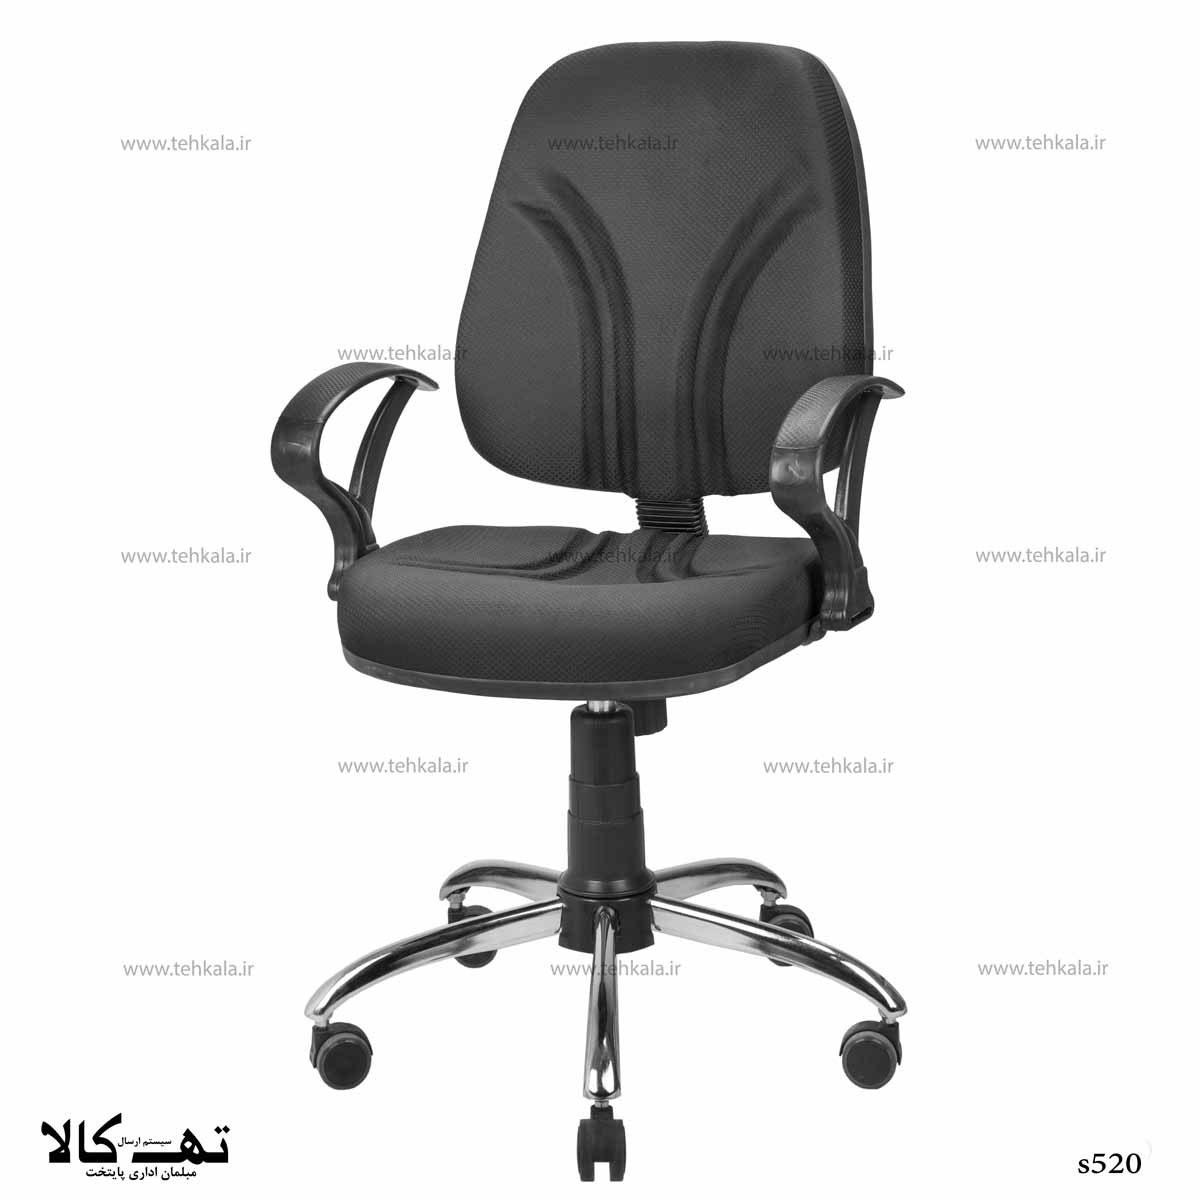 صندلی کامپیوتر ۵۲۰